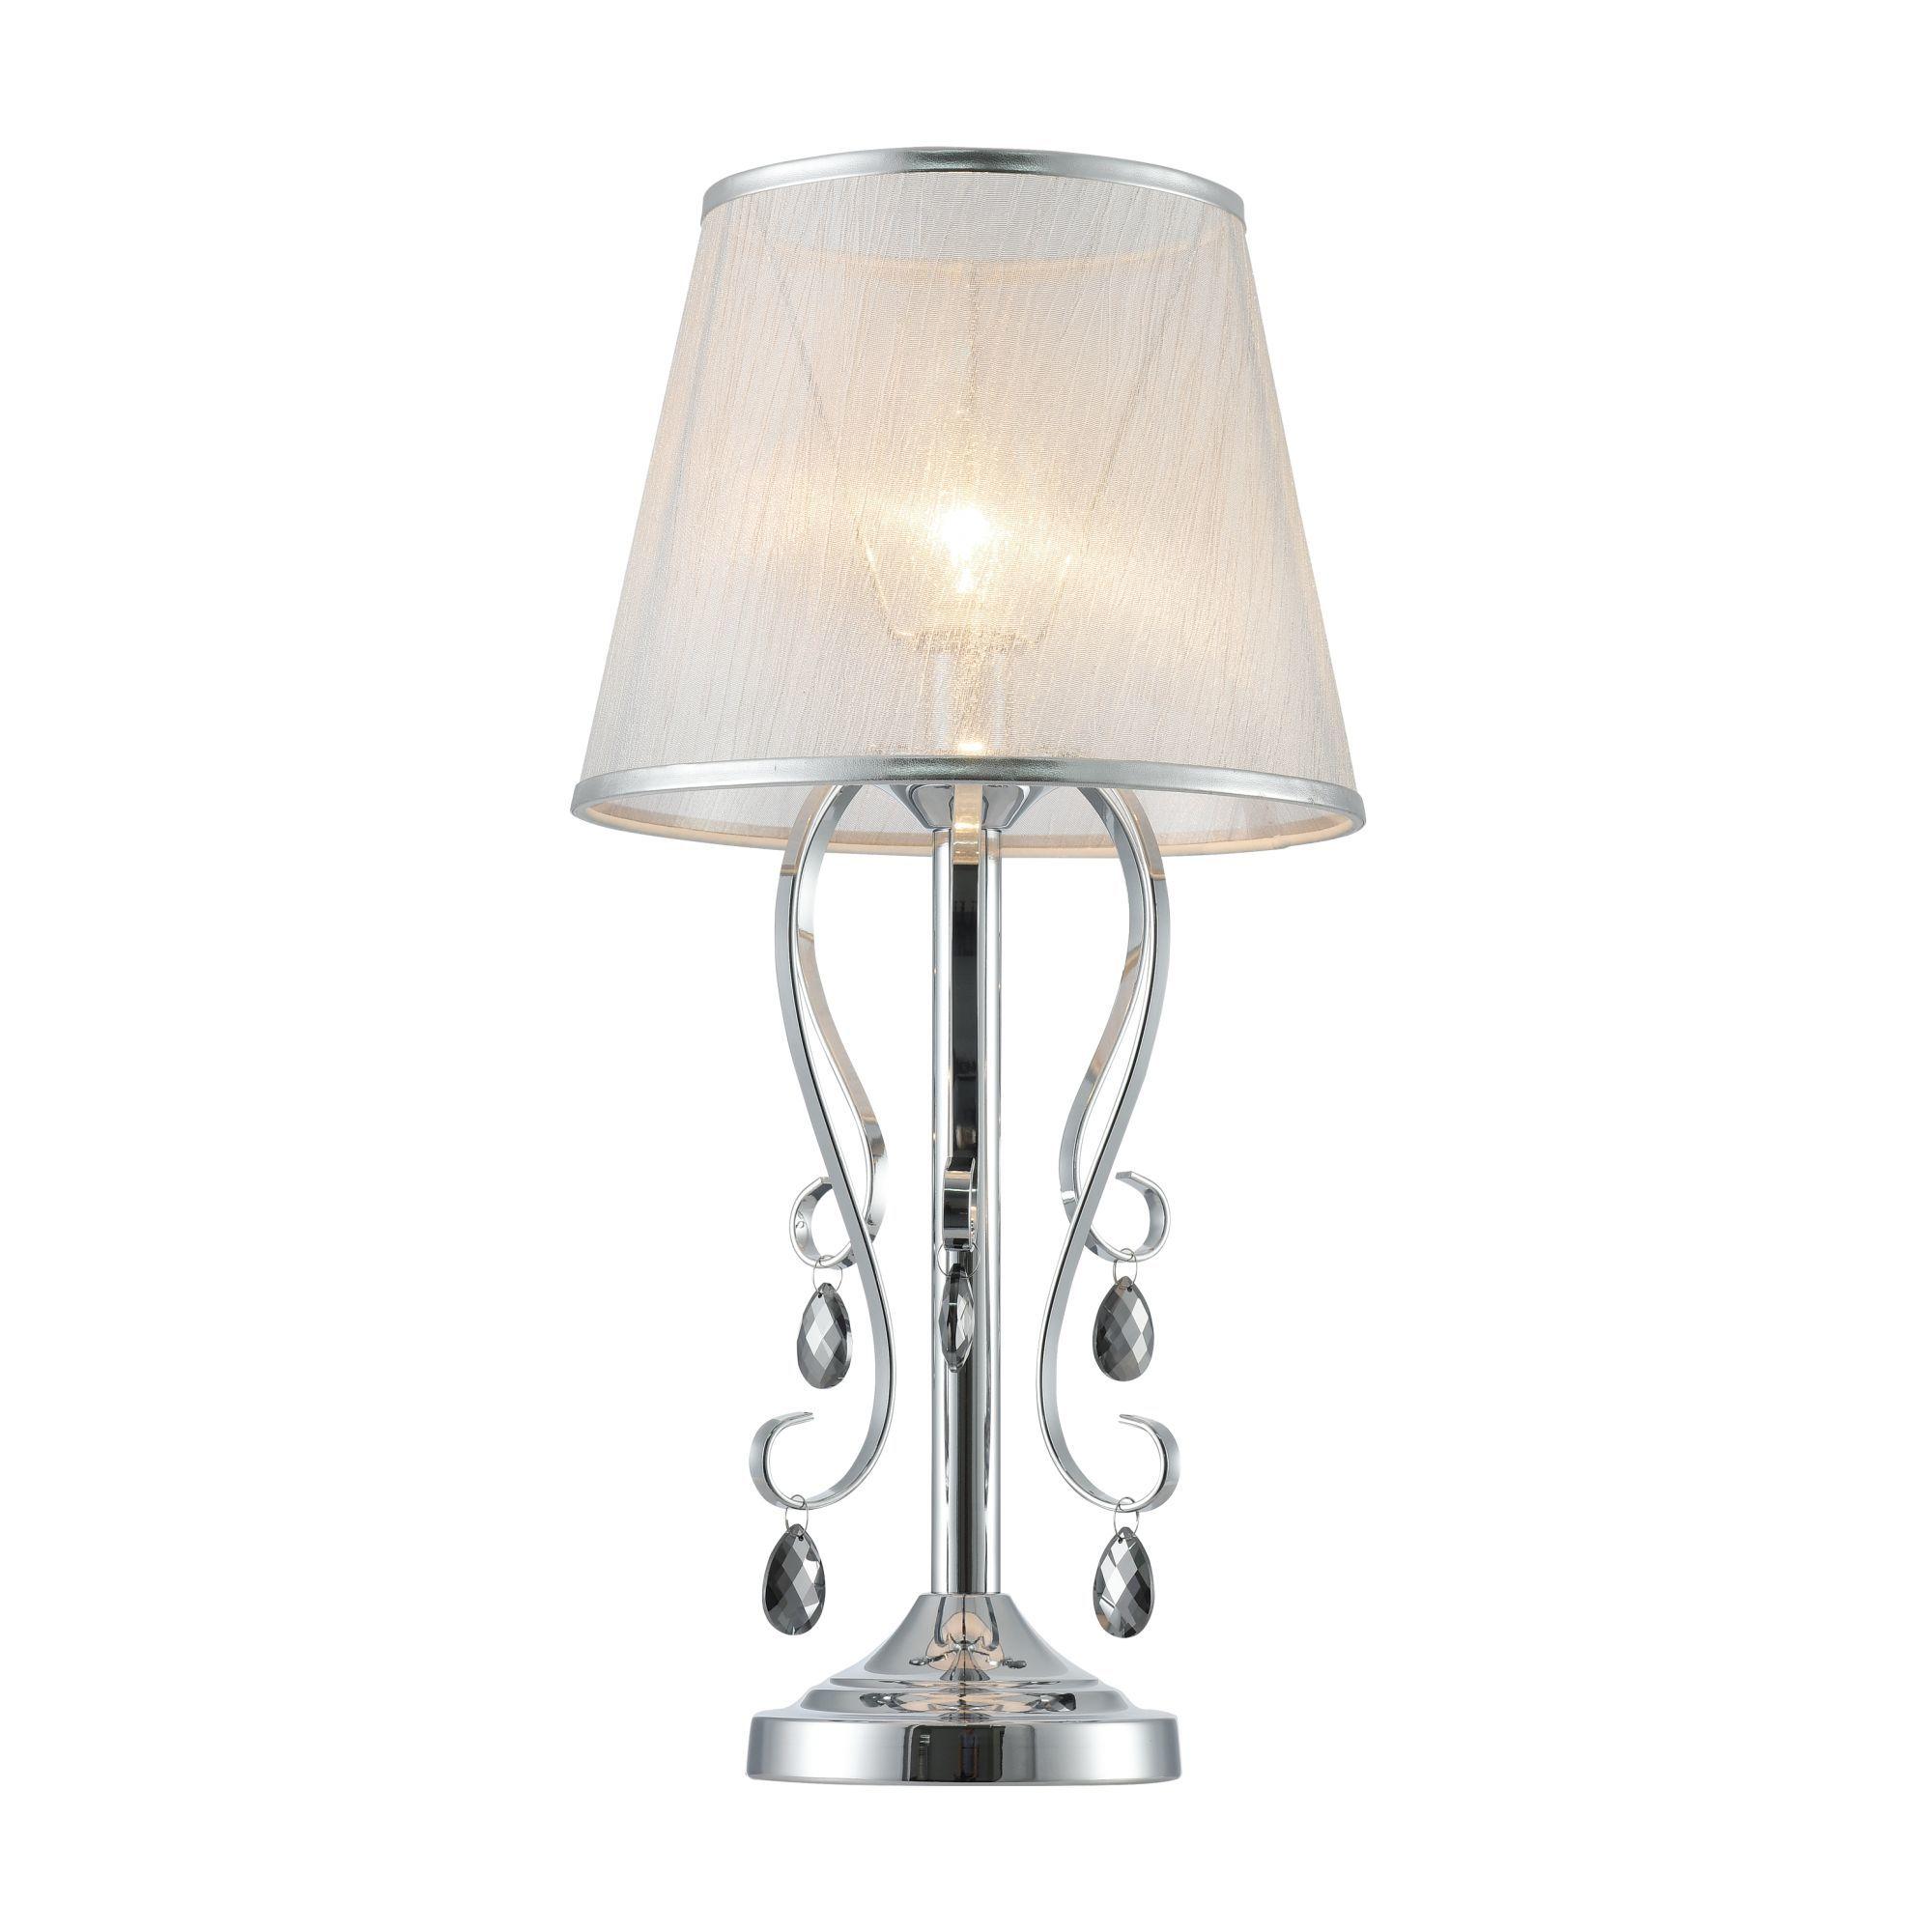 Настольная лампа Freya Simone FR2020-TL-01-CH, 1xE14x40W, хром, серебро, прозрачный, металл, текстиль, хрусталь - фото 1